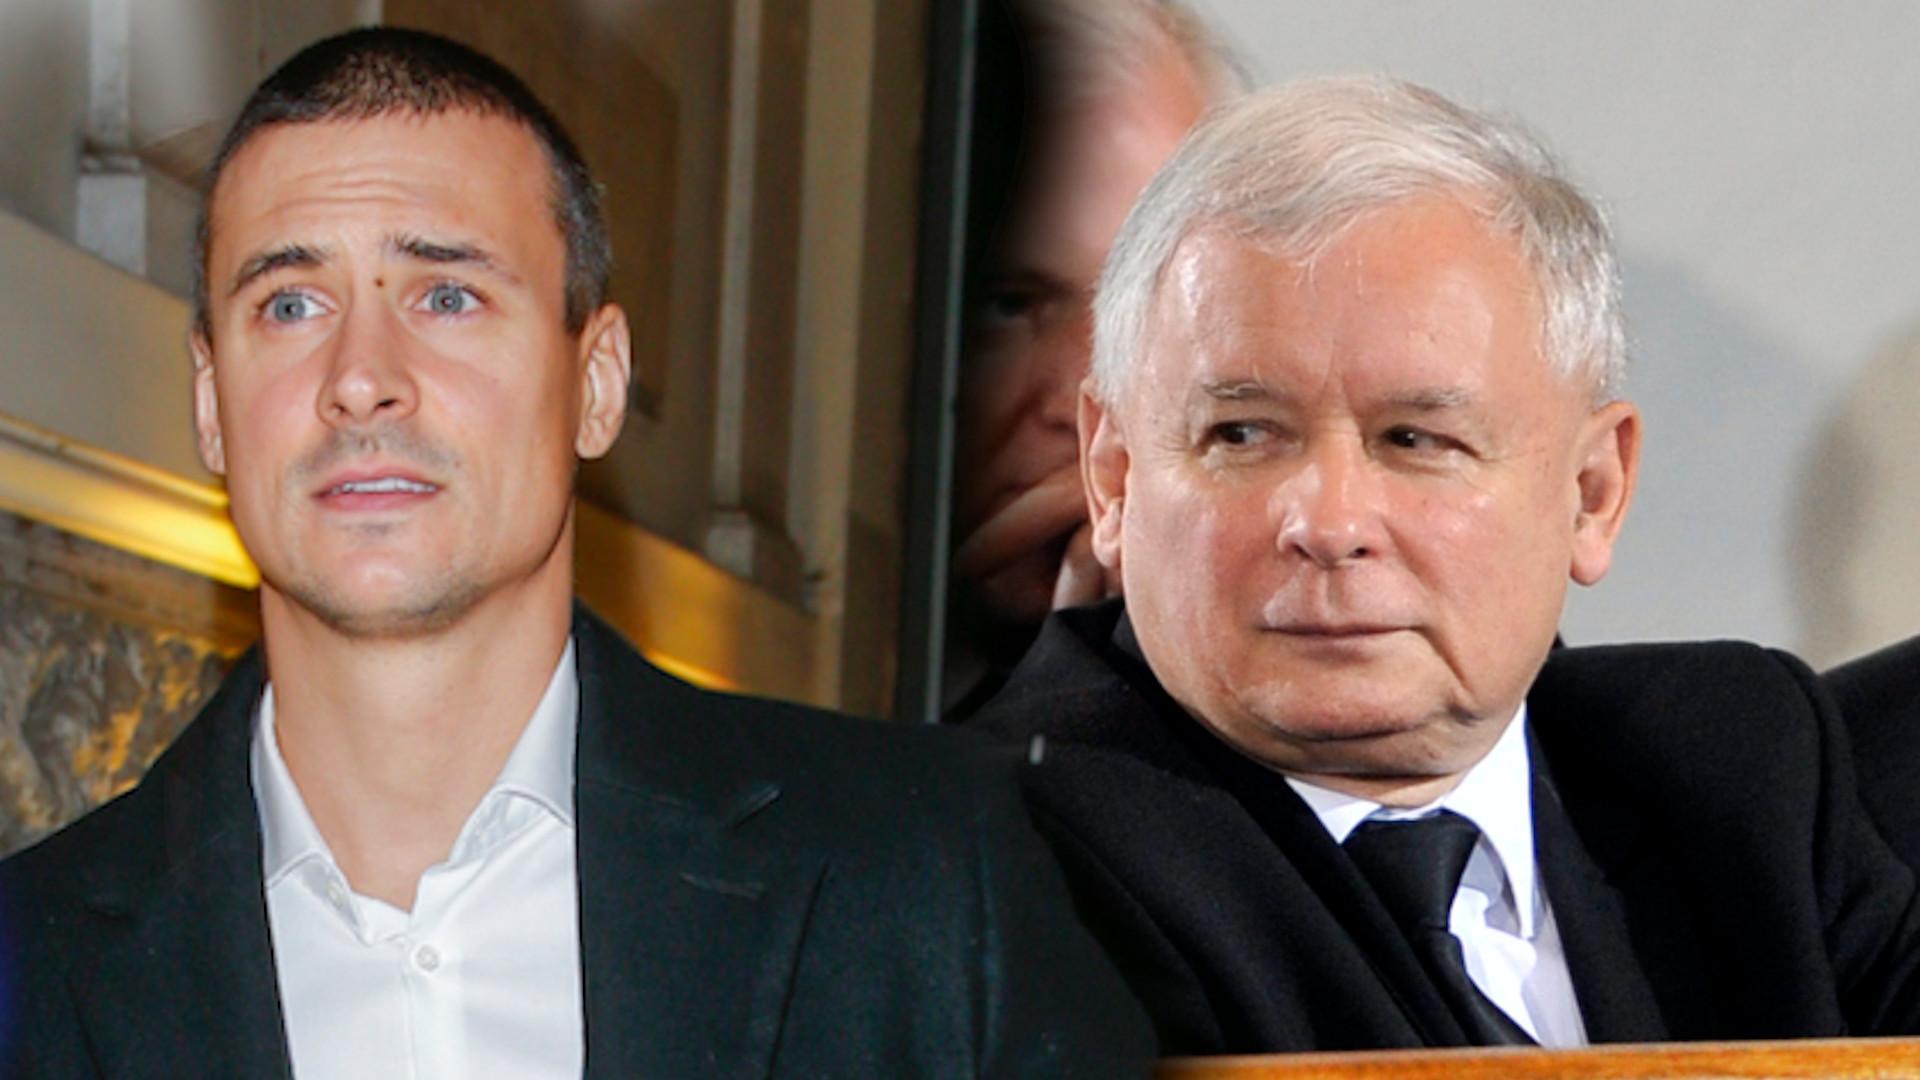 """Mateusz Damięcki do Jarosława Kaczyńskiego: """"Będzie to pana bardzo drogo kosztowało. 24 godziny. Odliczanie rozpoczęte"""""""